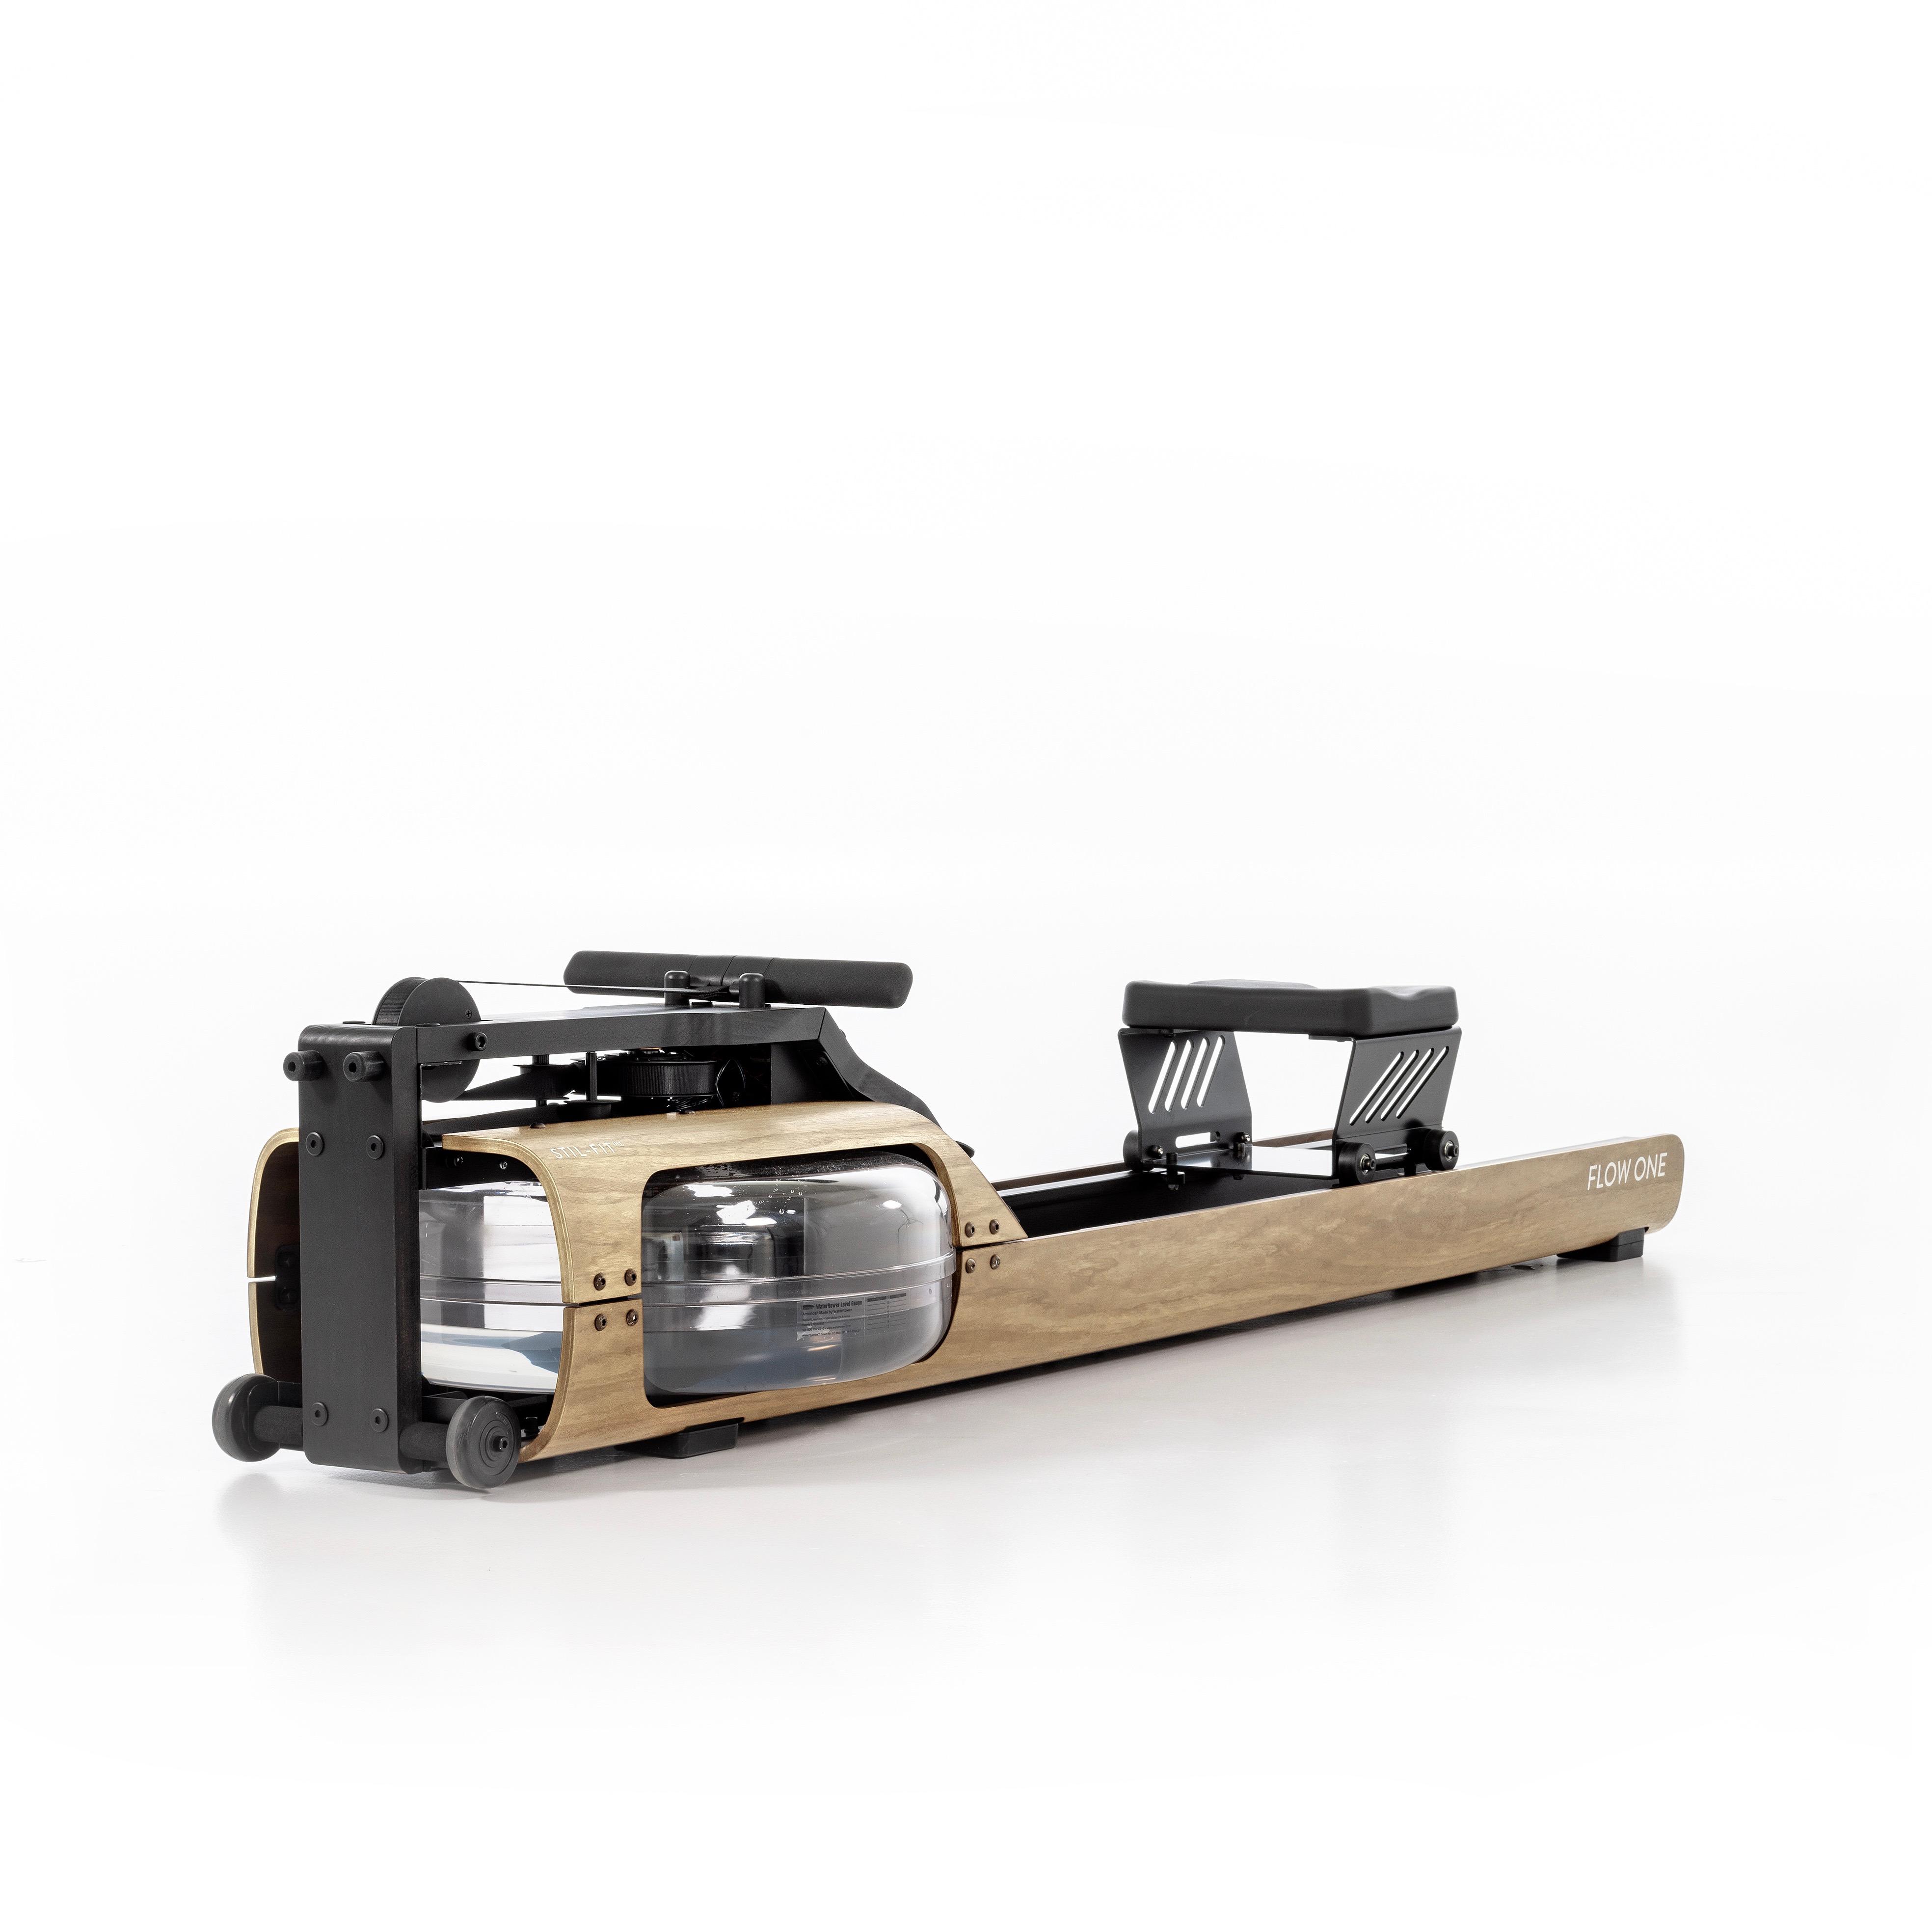 STIL-FIT Rowing machine FLOW-ONE Oak